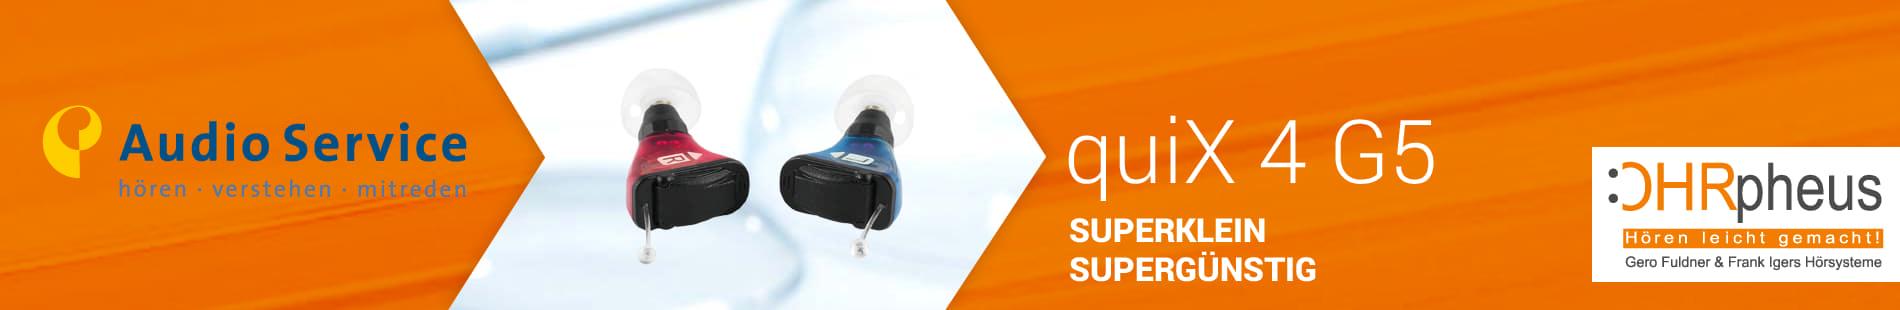 Audio Service quiX 4 G5 Sliderbild